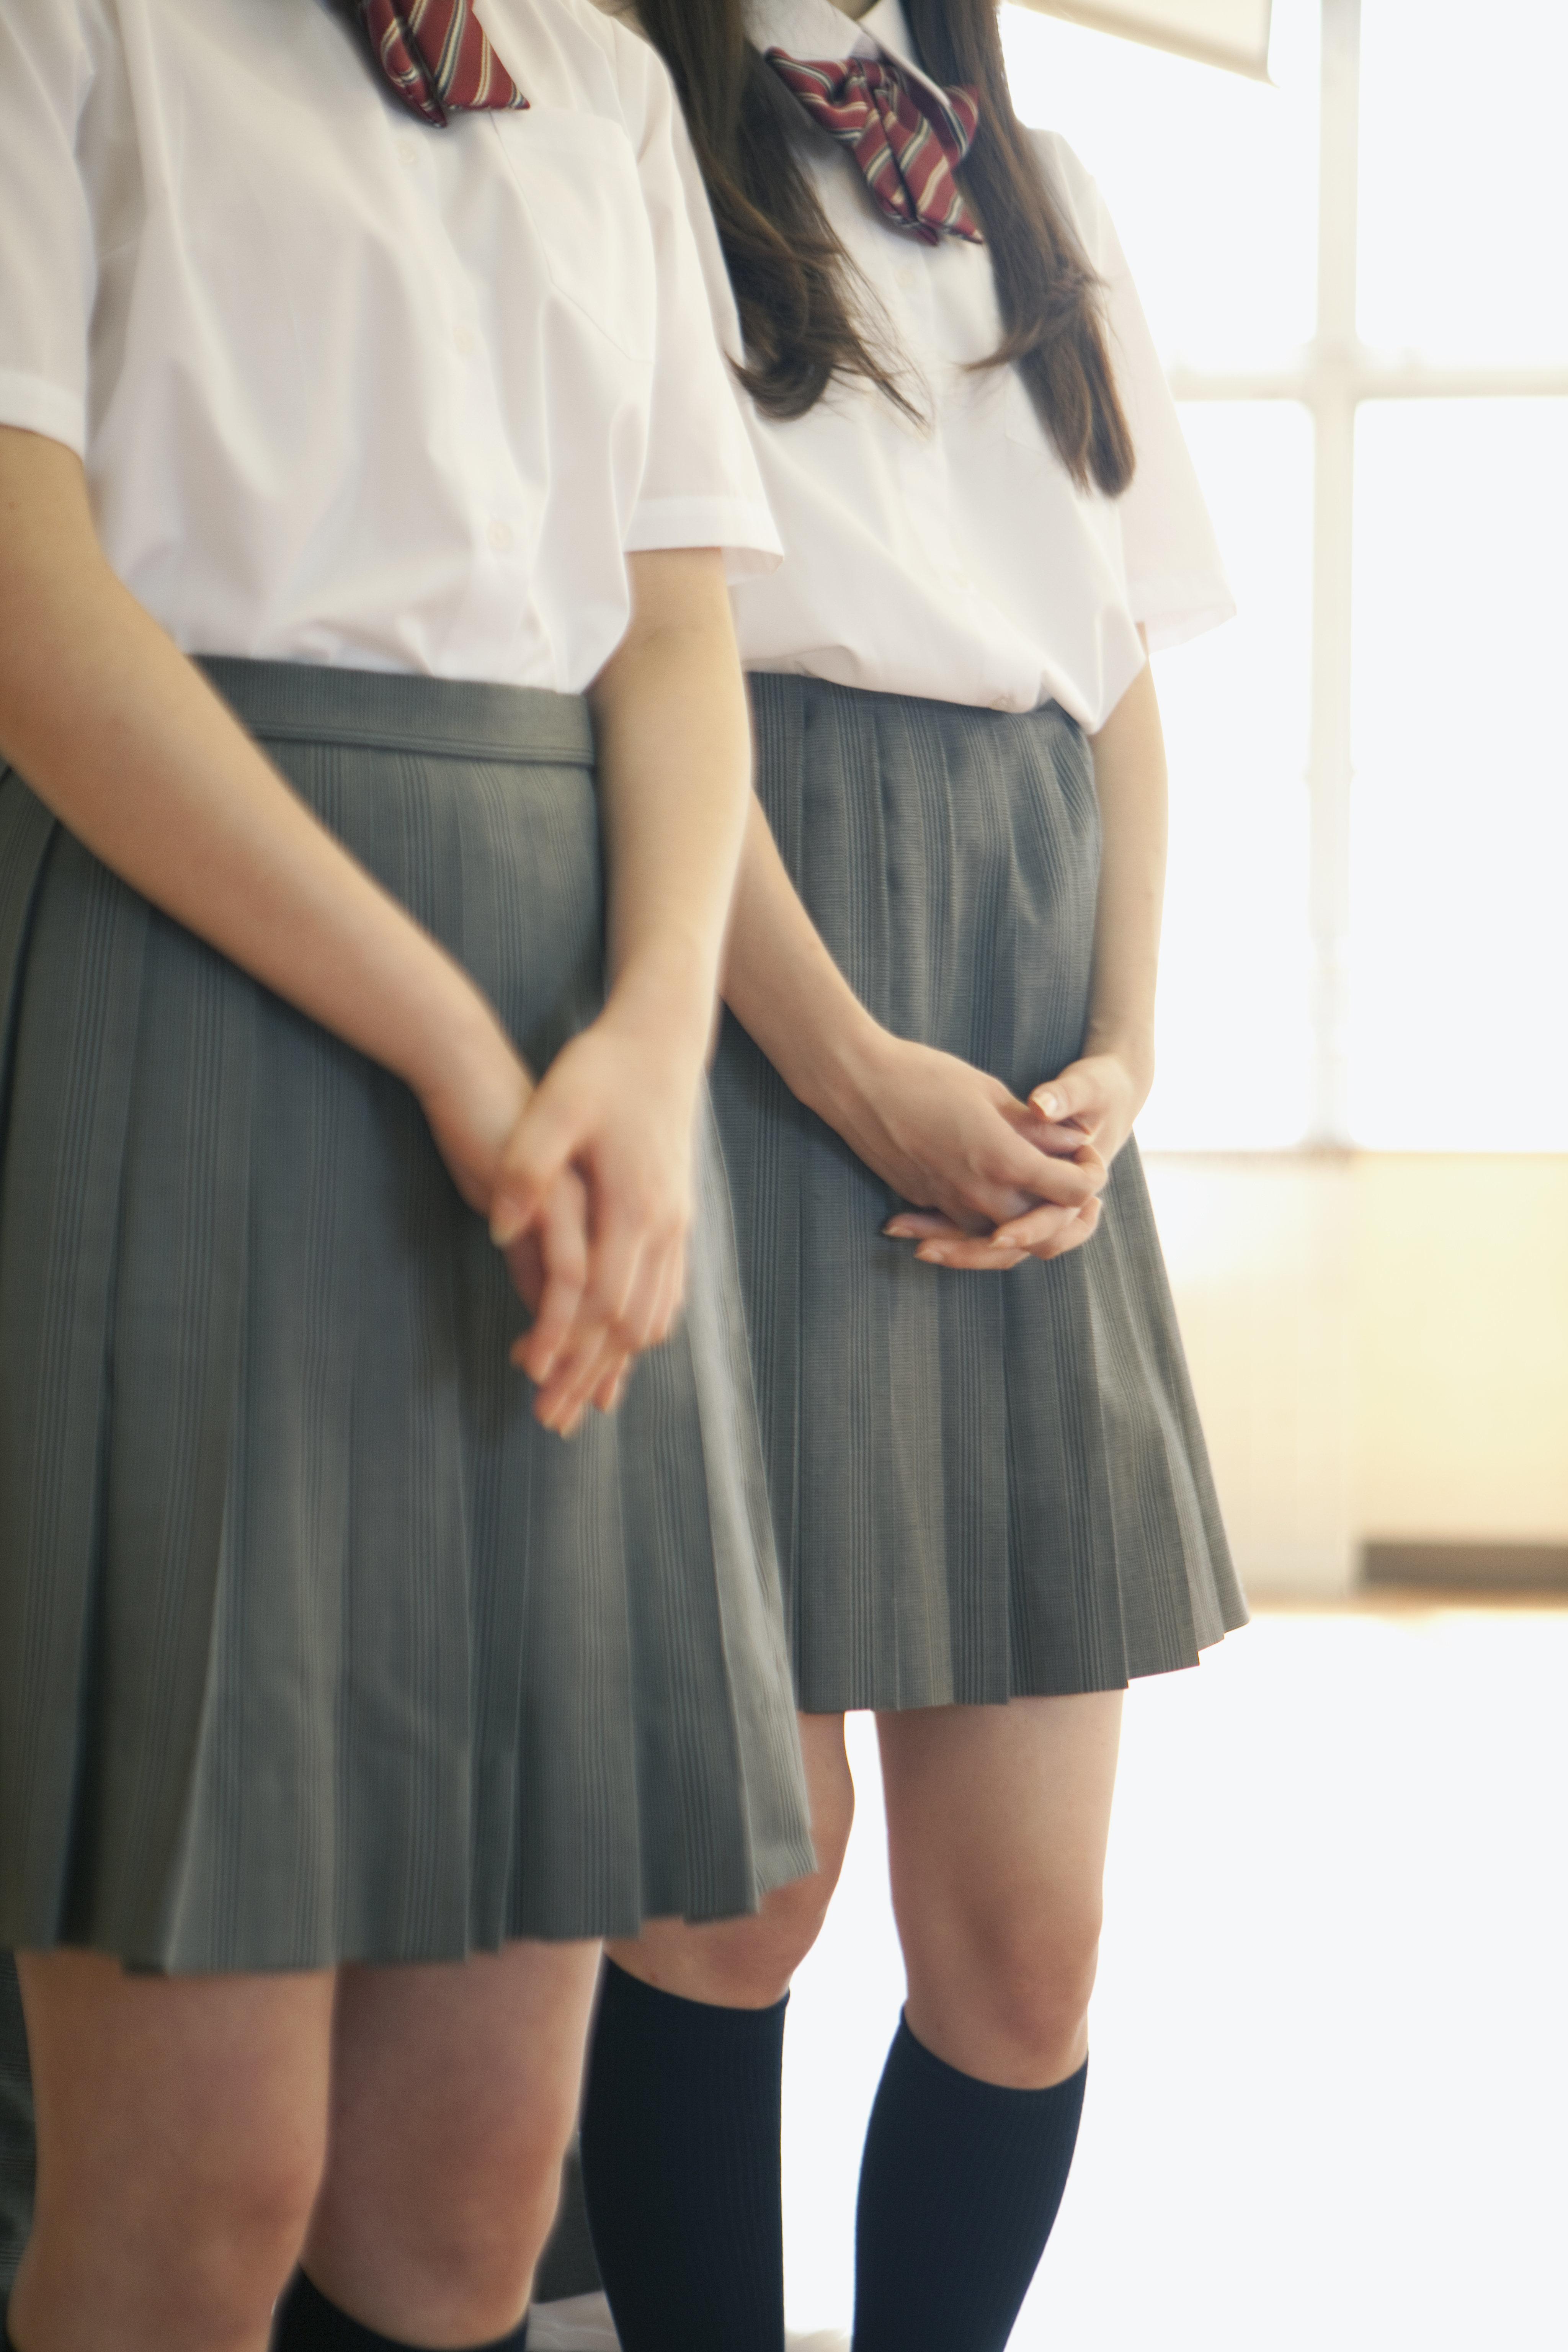 「女子はスカートしか履いちゃいけない」校則は違憲。学校を訴えた女子生徒が勝訴する